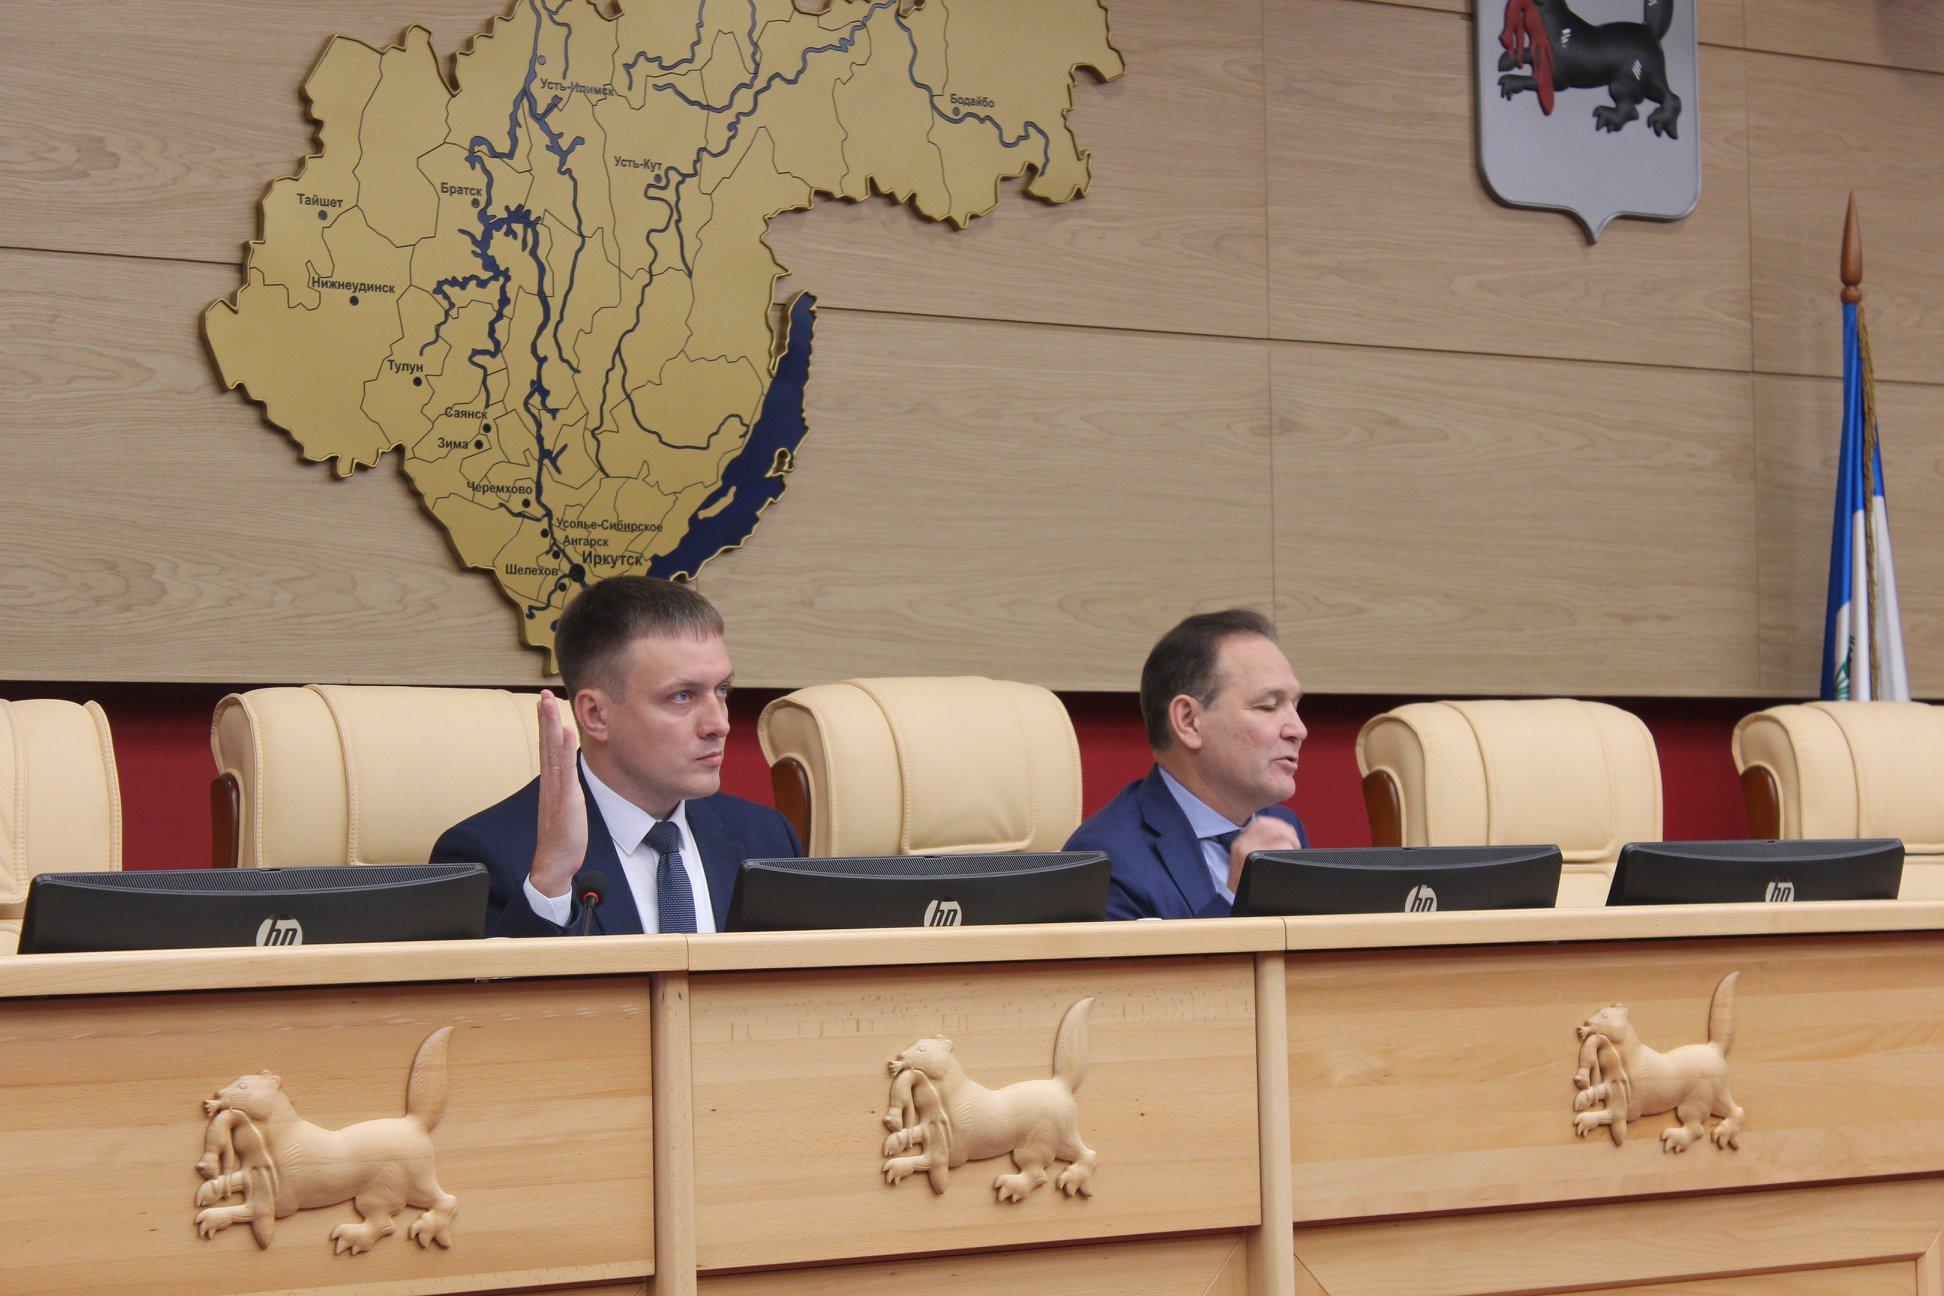 На заседании комитета по здравоохранению и социальной защите Законодательного Собрания Иркутской области 10 октября 2019 года не смогли обсудить проект закона о передаче областного здравоохранения на муниципальный уровень.  В повестке заседания, назн…